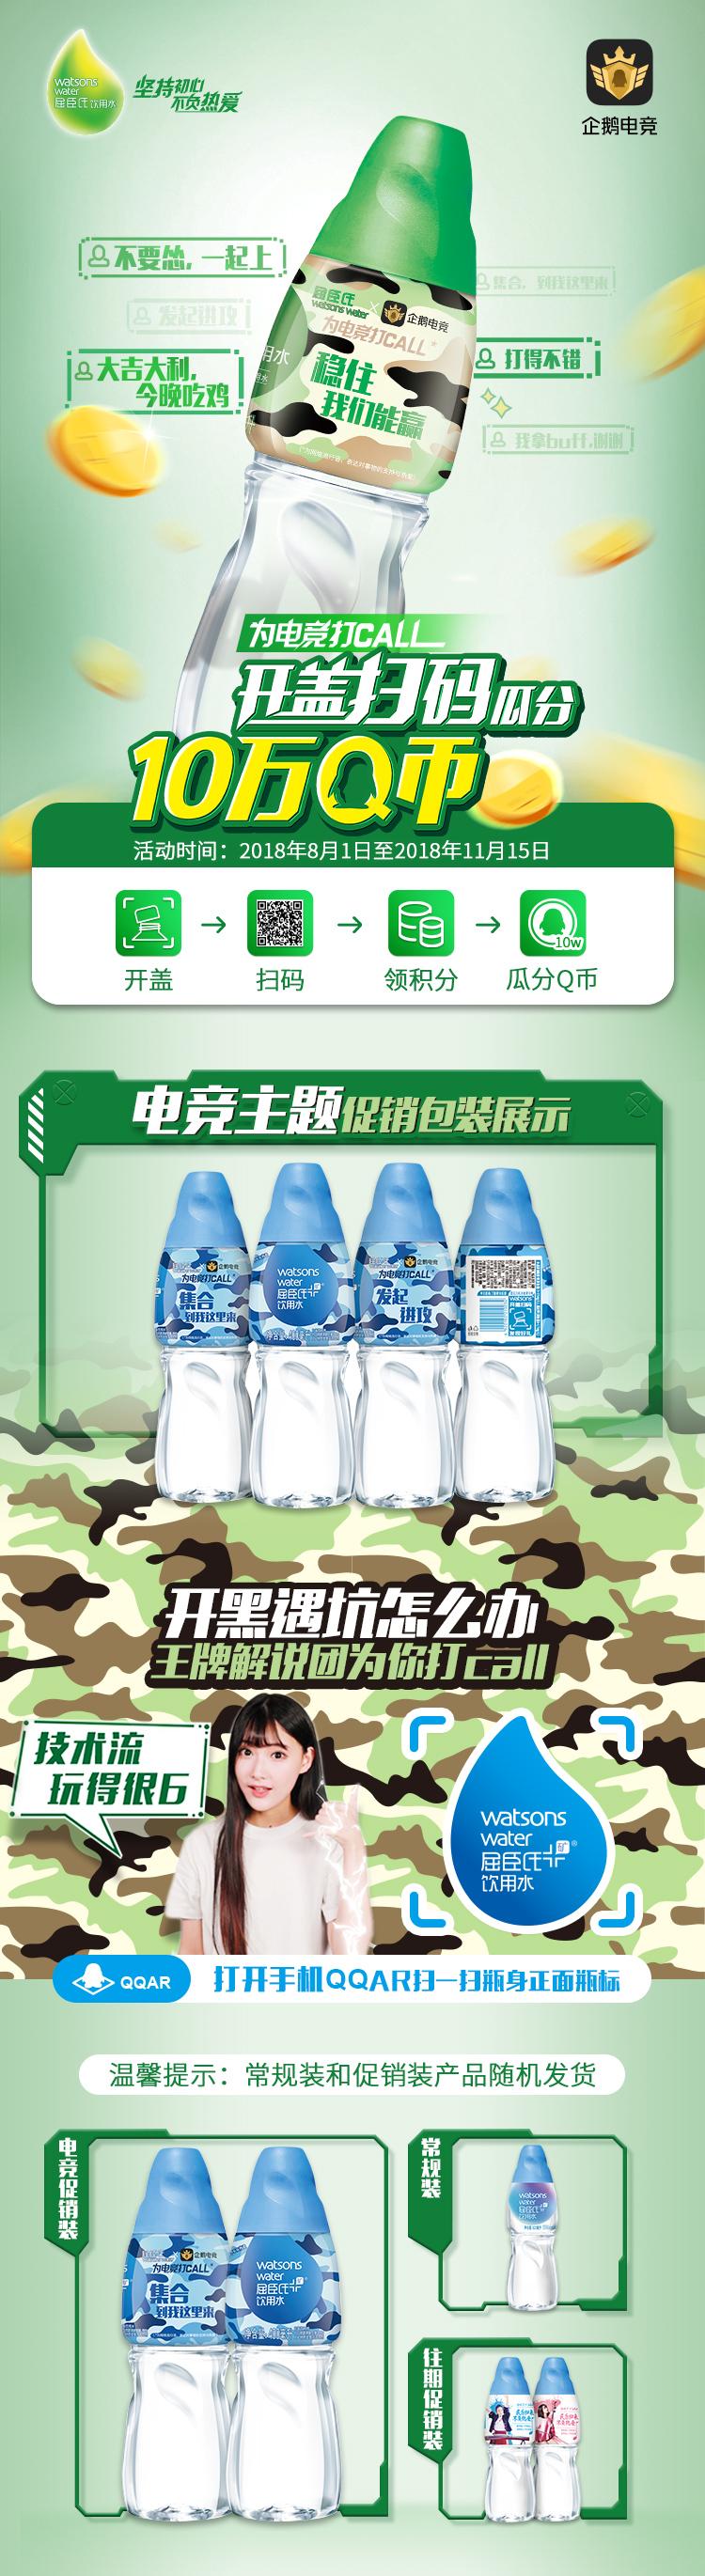 苏宁-400ml矿物质水-电竞详情页_01